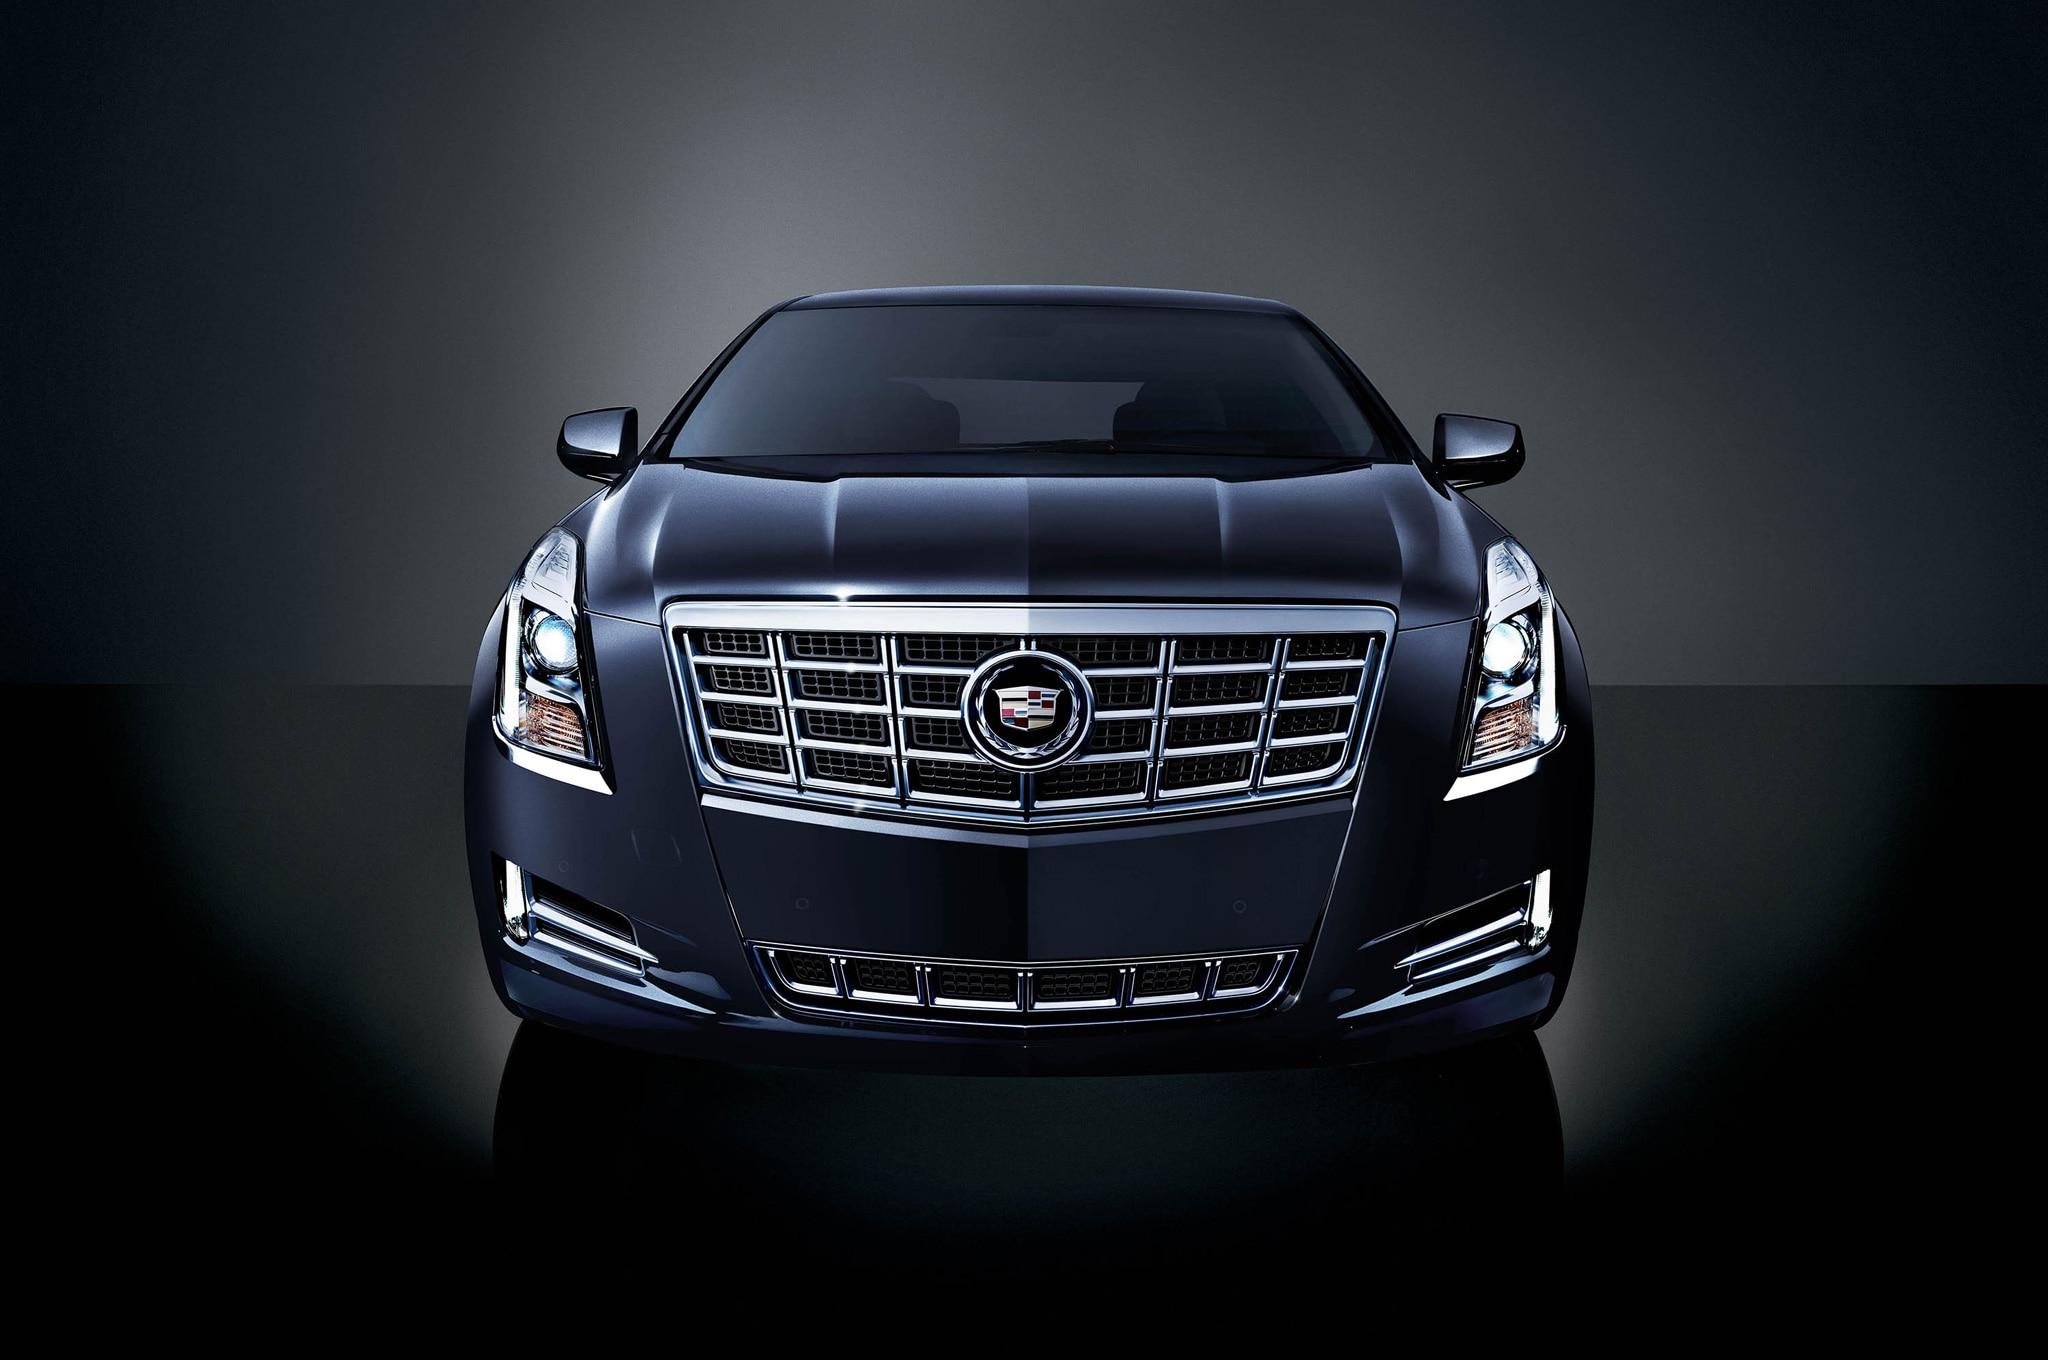 2015 Cadillac XTS Front End